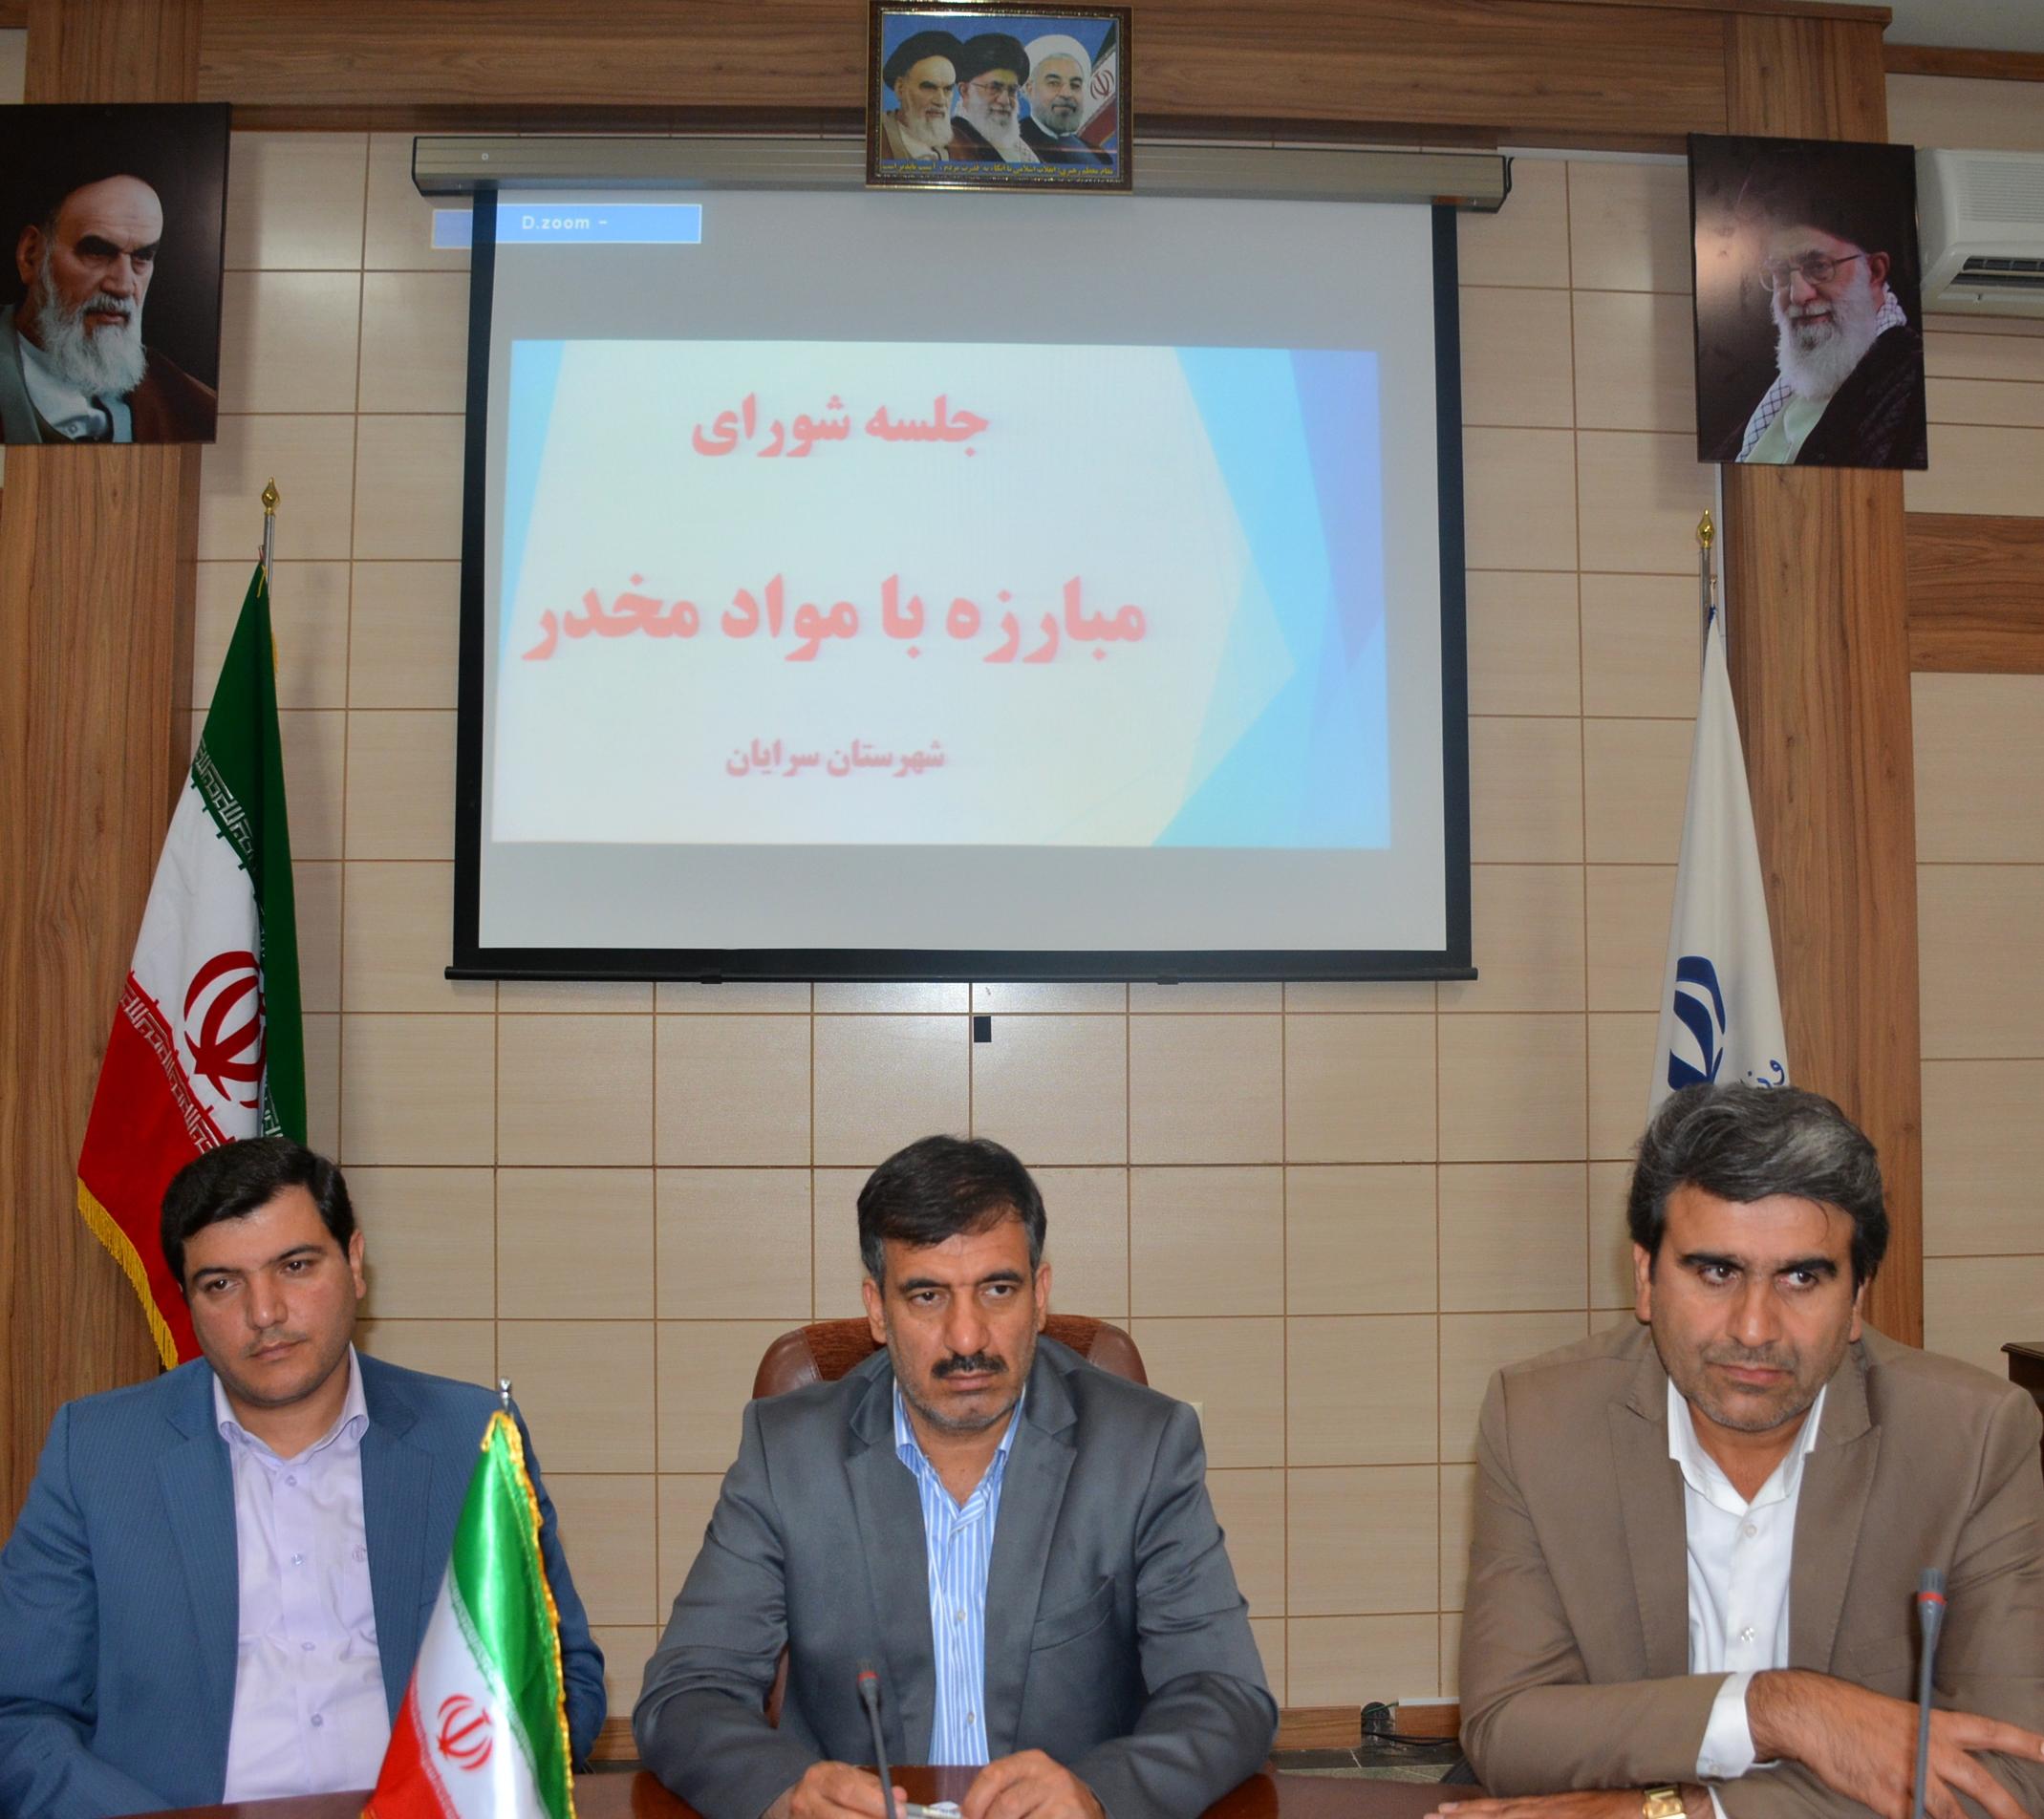 جلسه  شوراي  مبارزه با مواد مخدر  شهرستان سرايان برگزار شد .